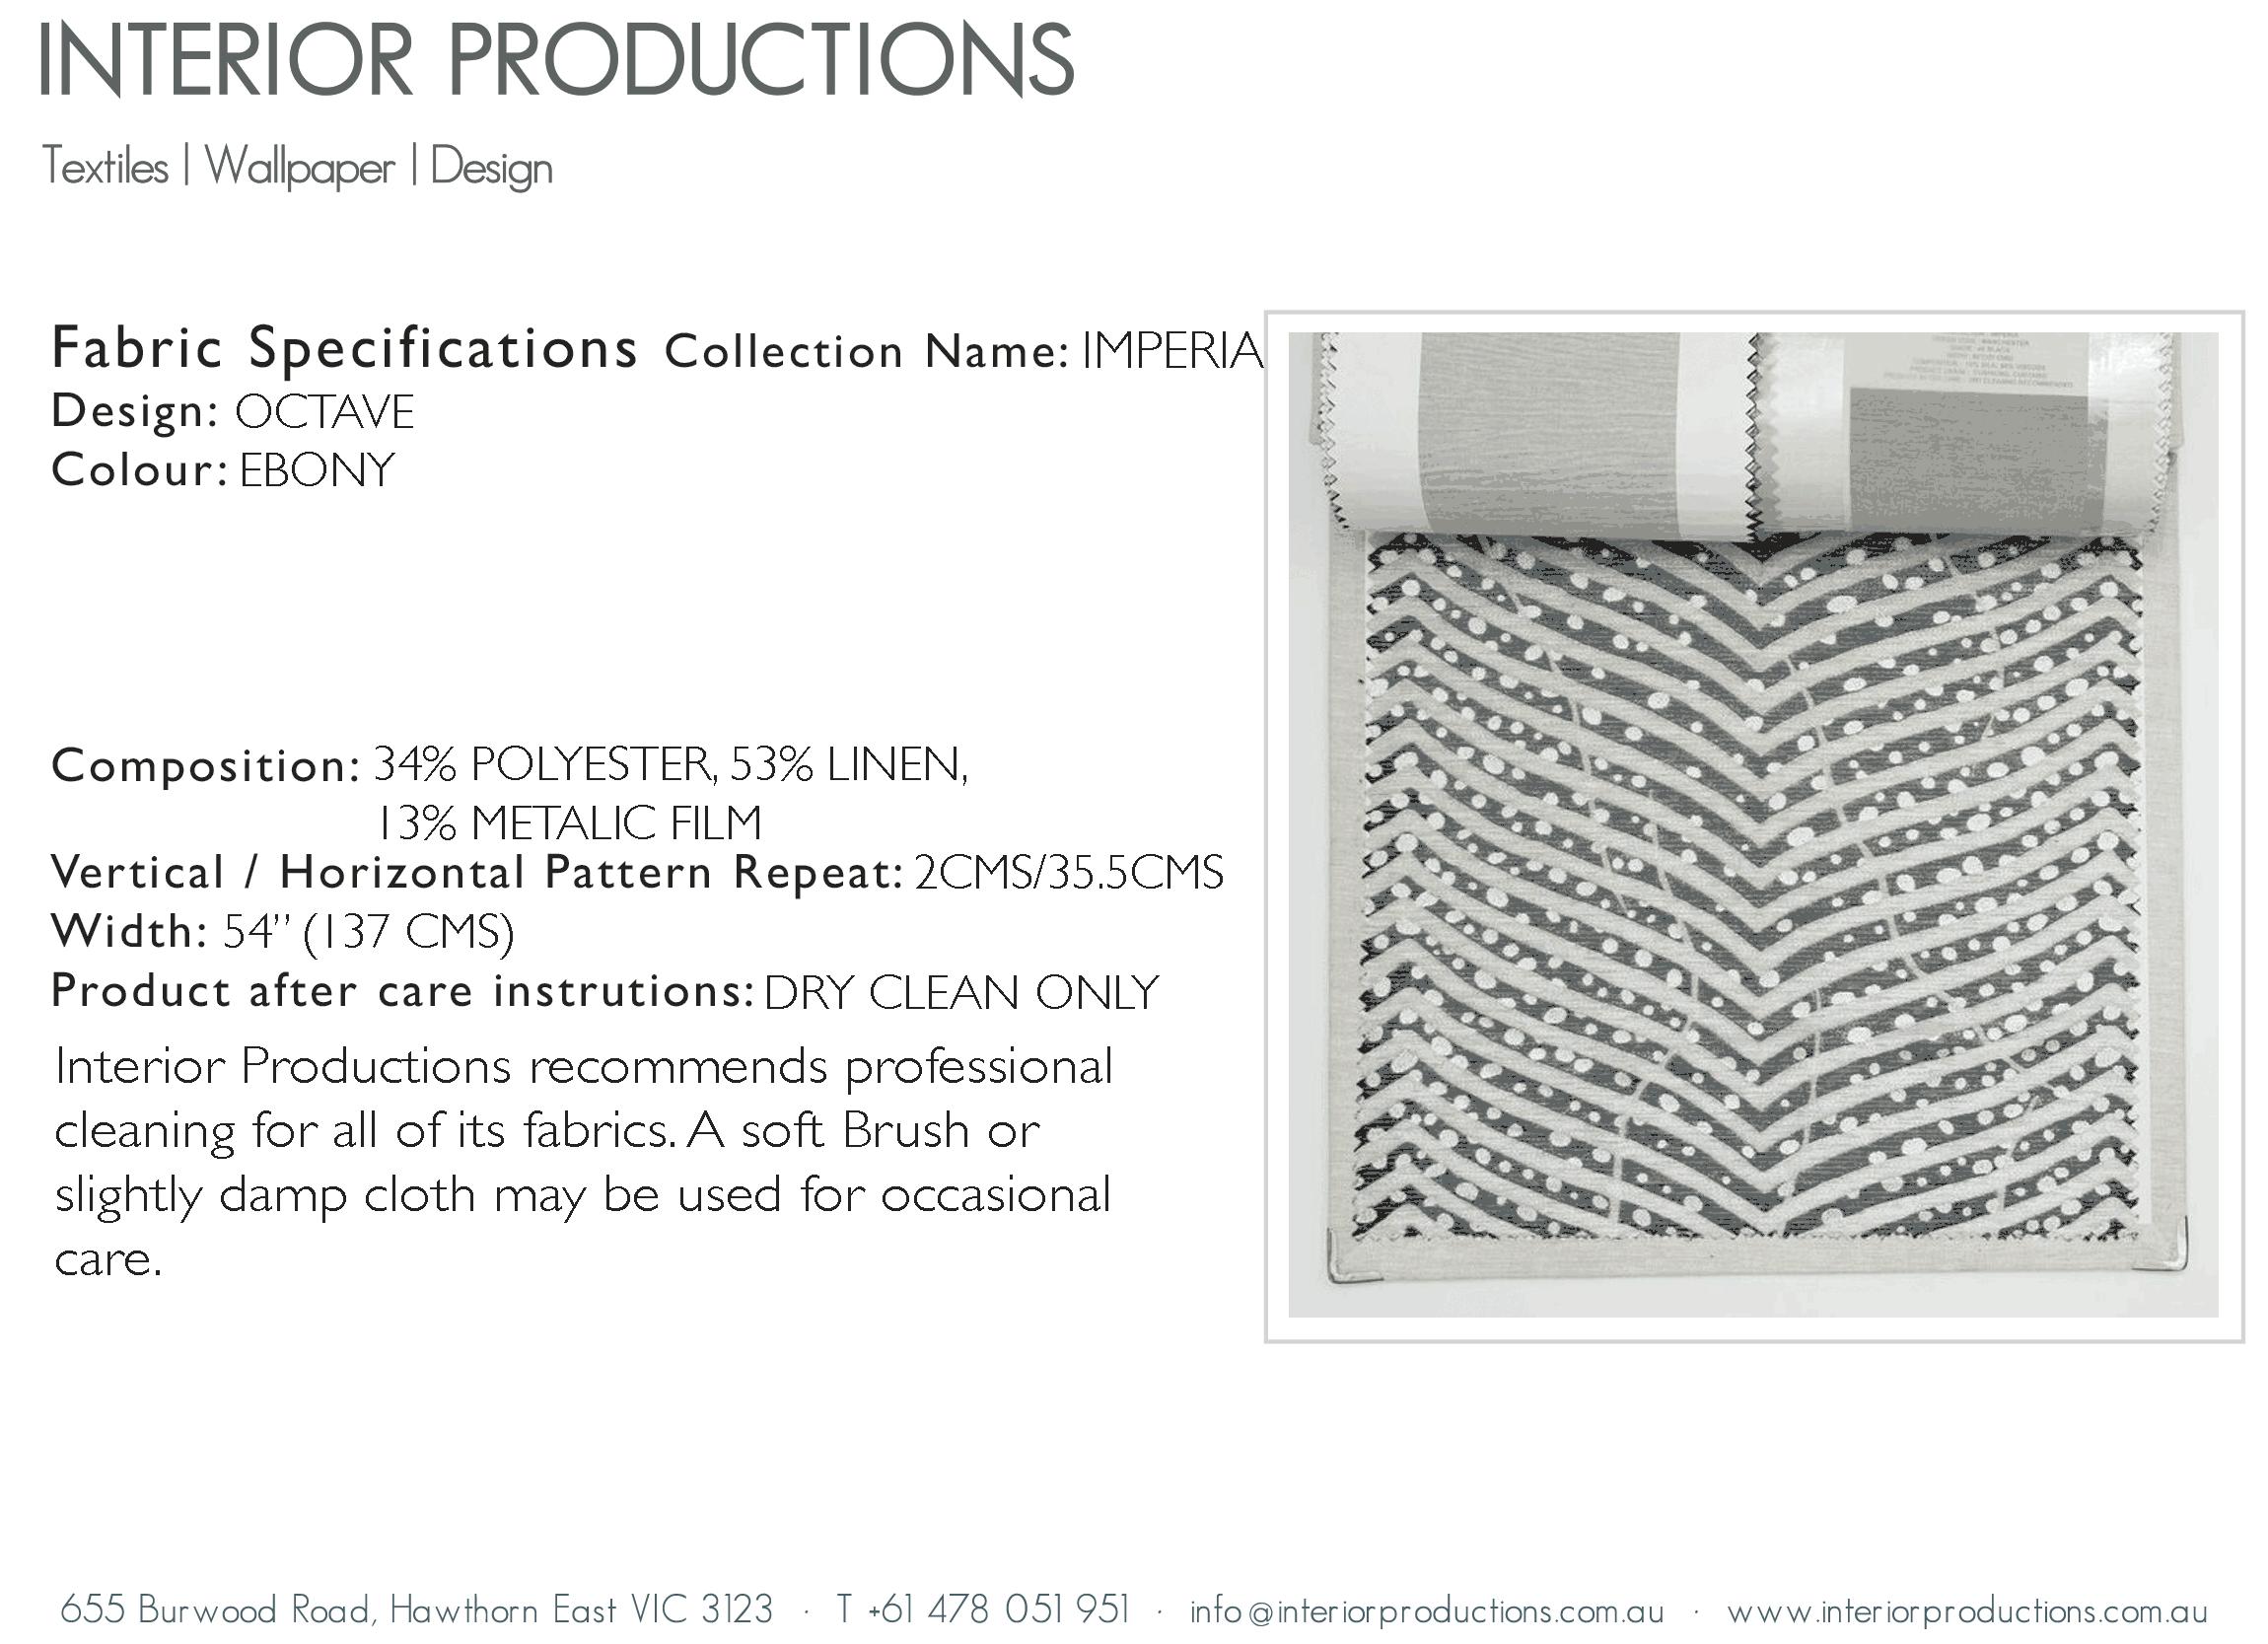 interior_productions_OCTAVE---EBONY